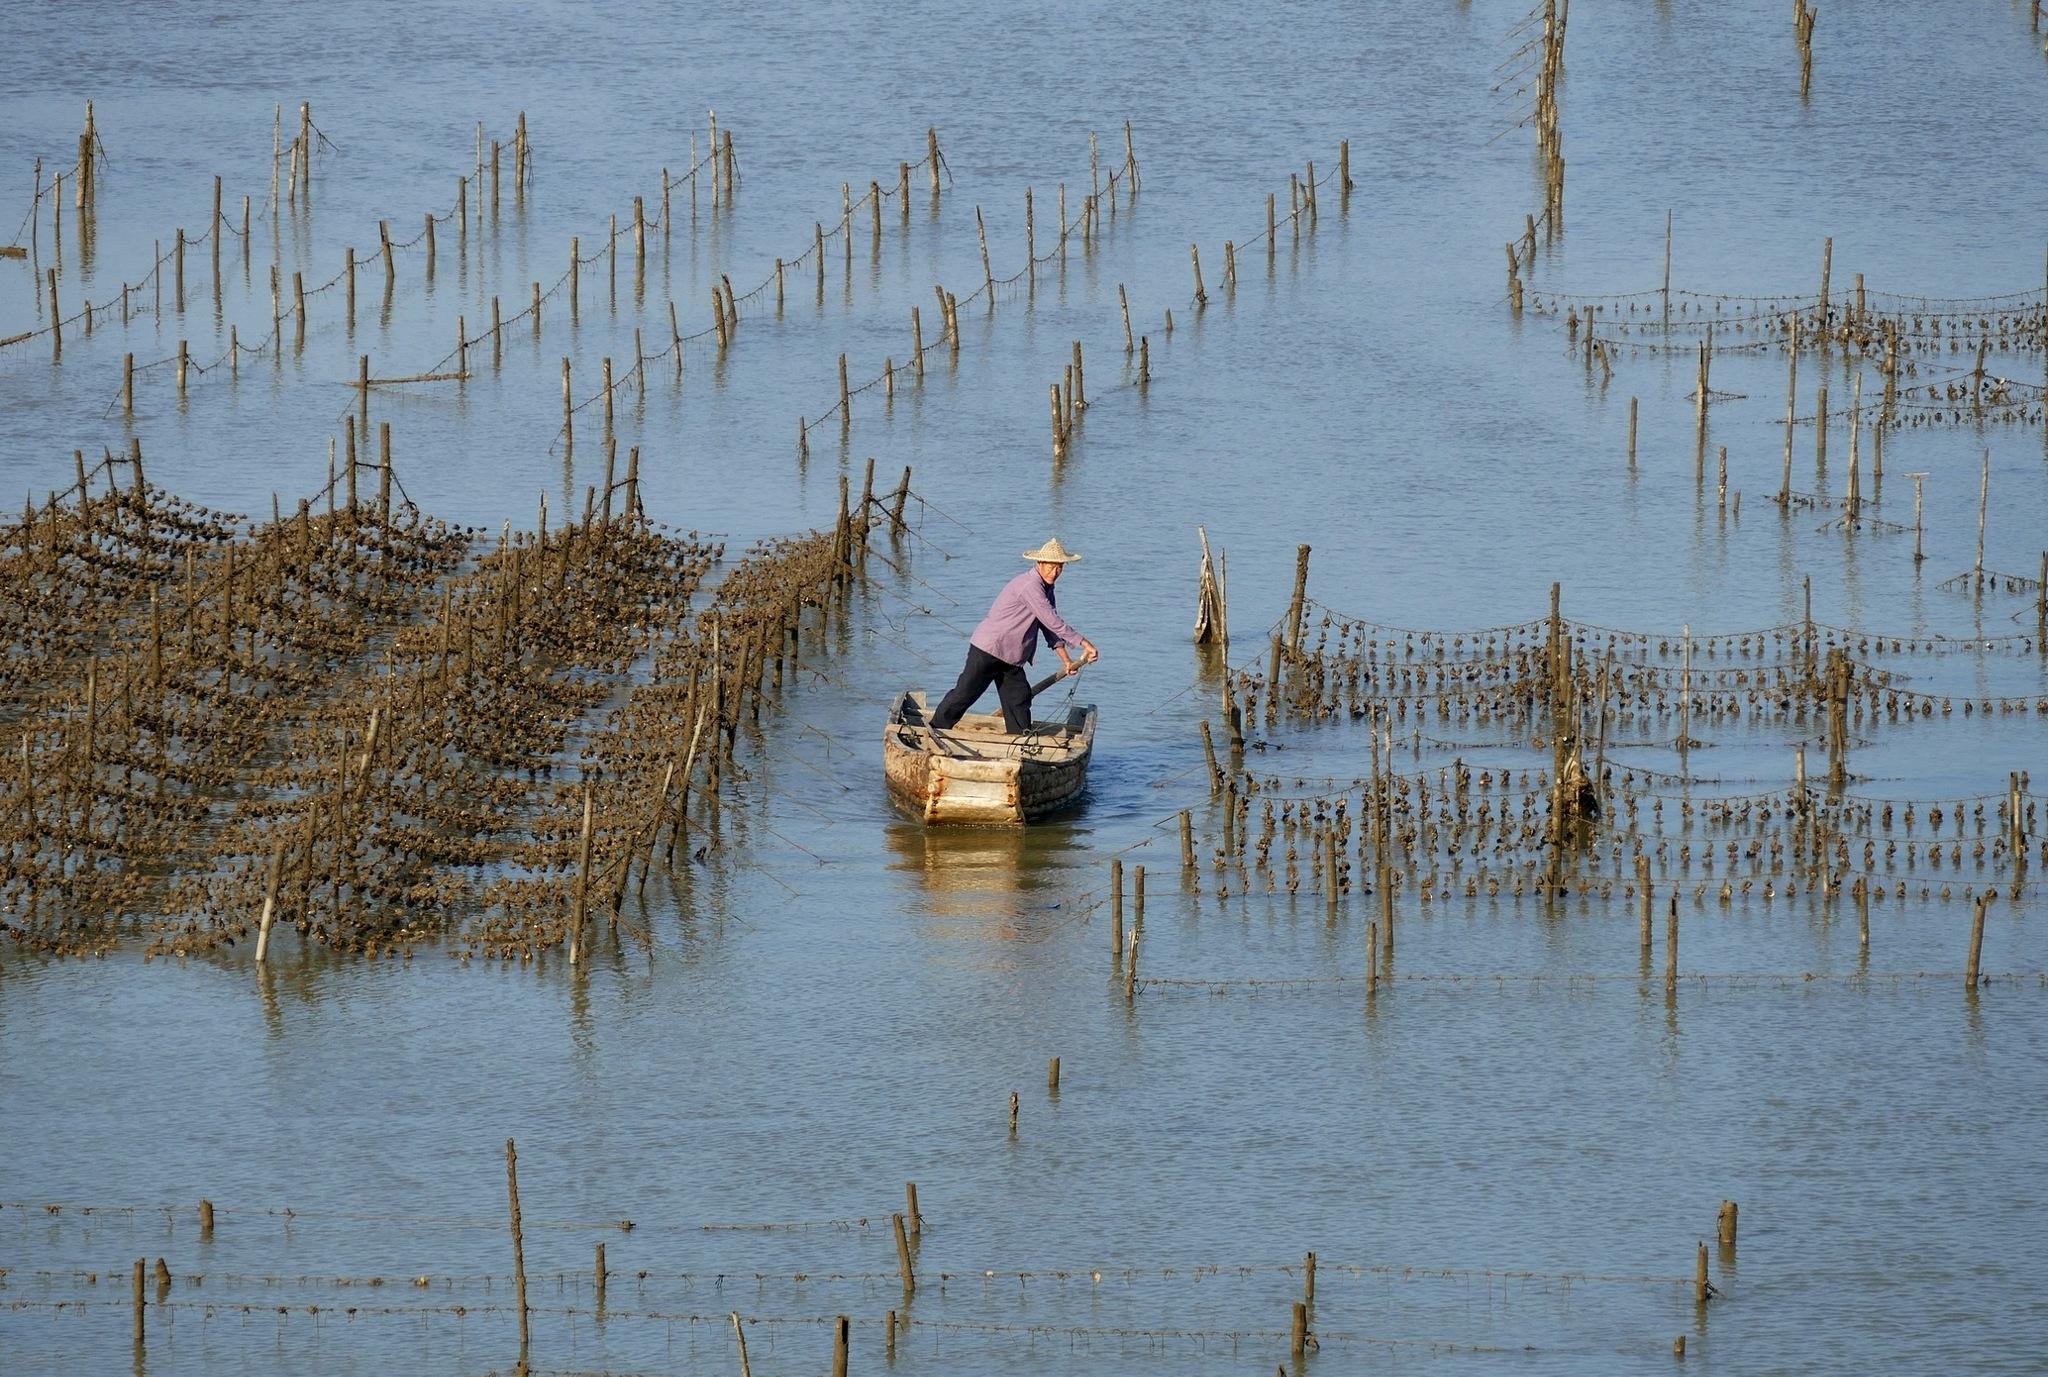 Shellfish farmer, Xia Qing Shan-2 by pop88123